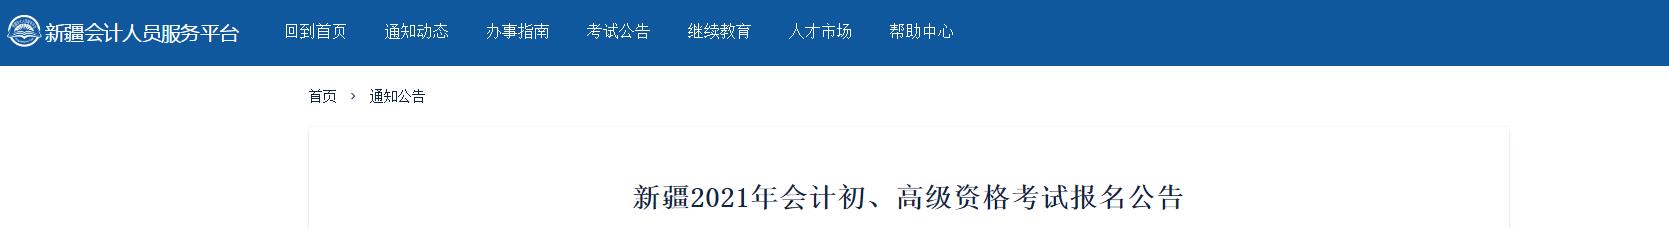 2021年新疆初级会计师考试报名时间确定了